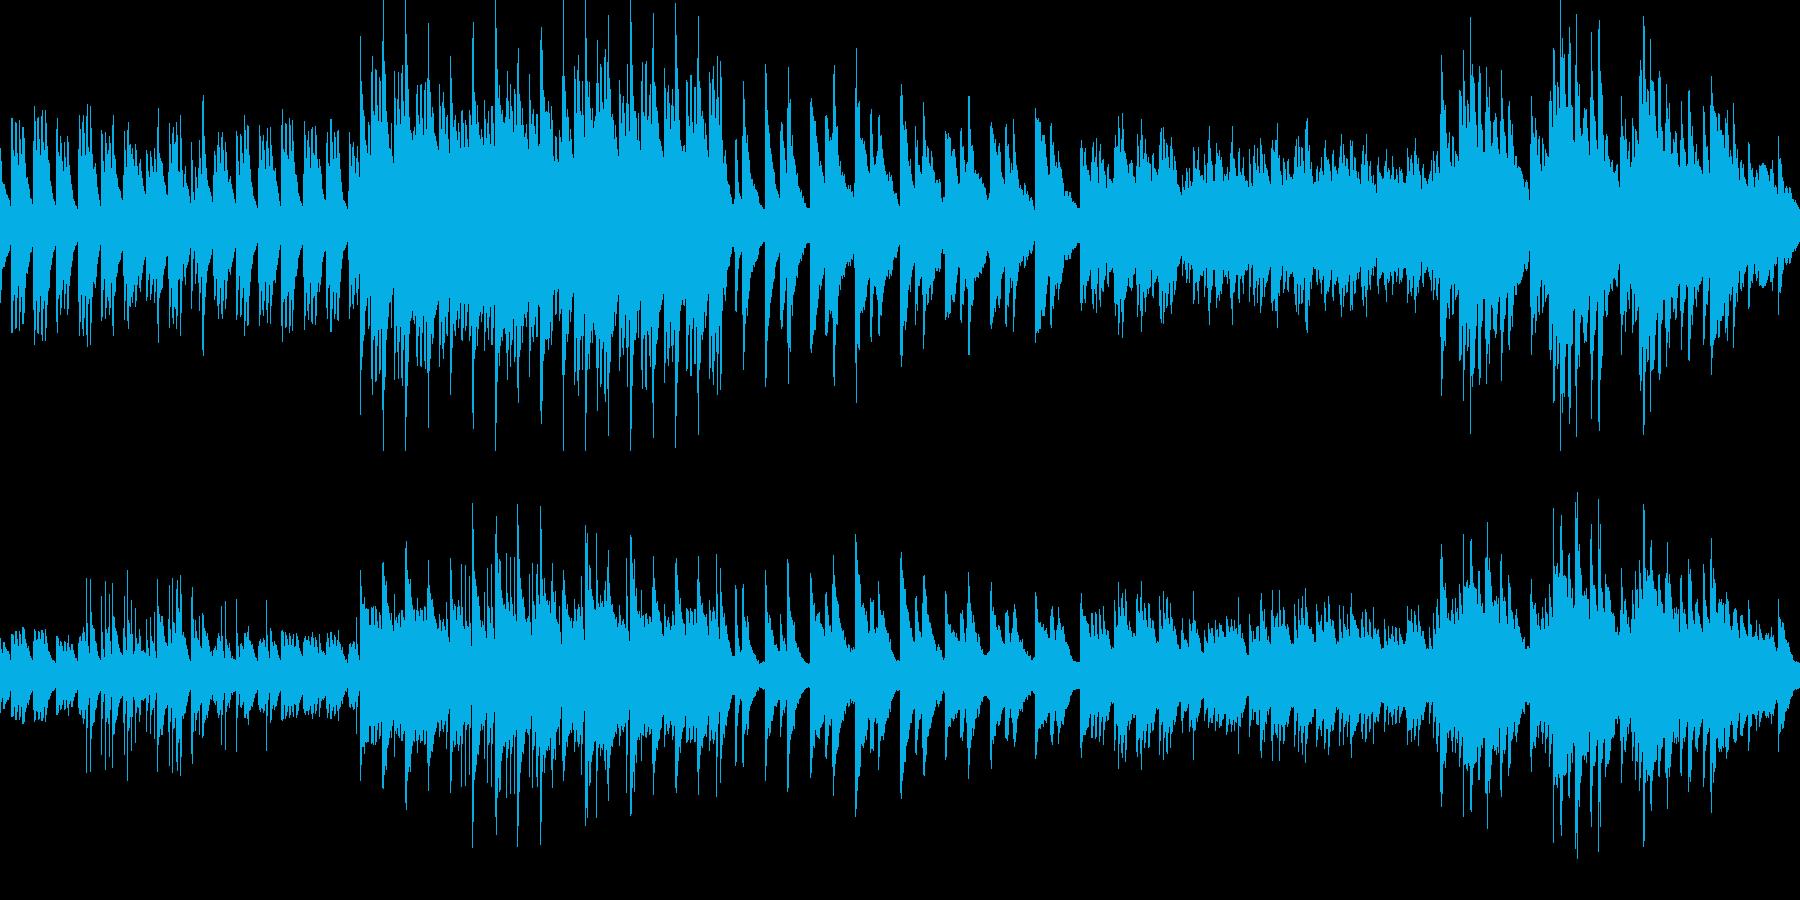 切ないメロディーのピアノソロ曲(ループ)の再生済みの波形